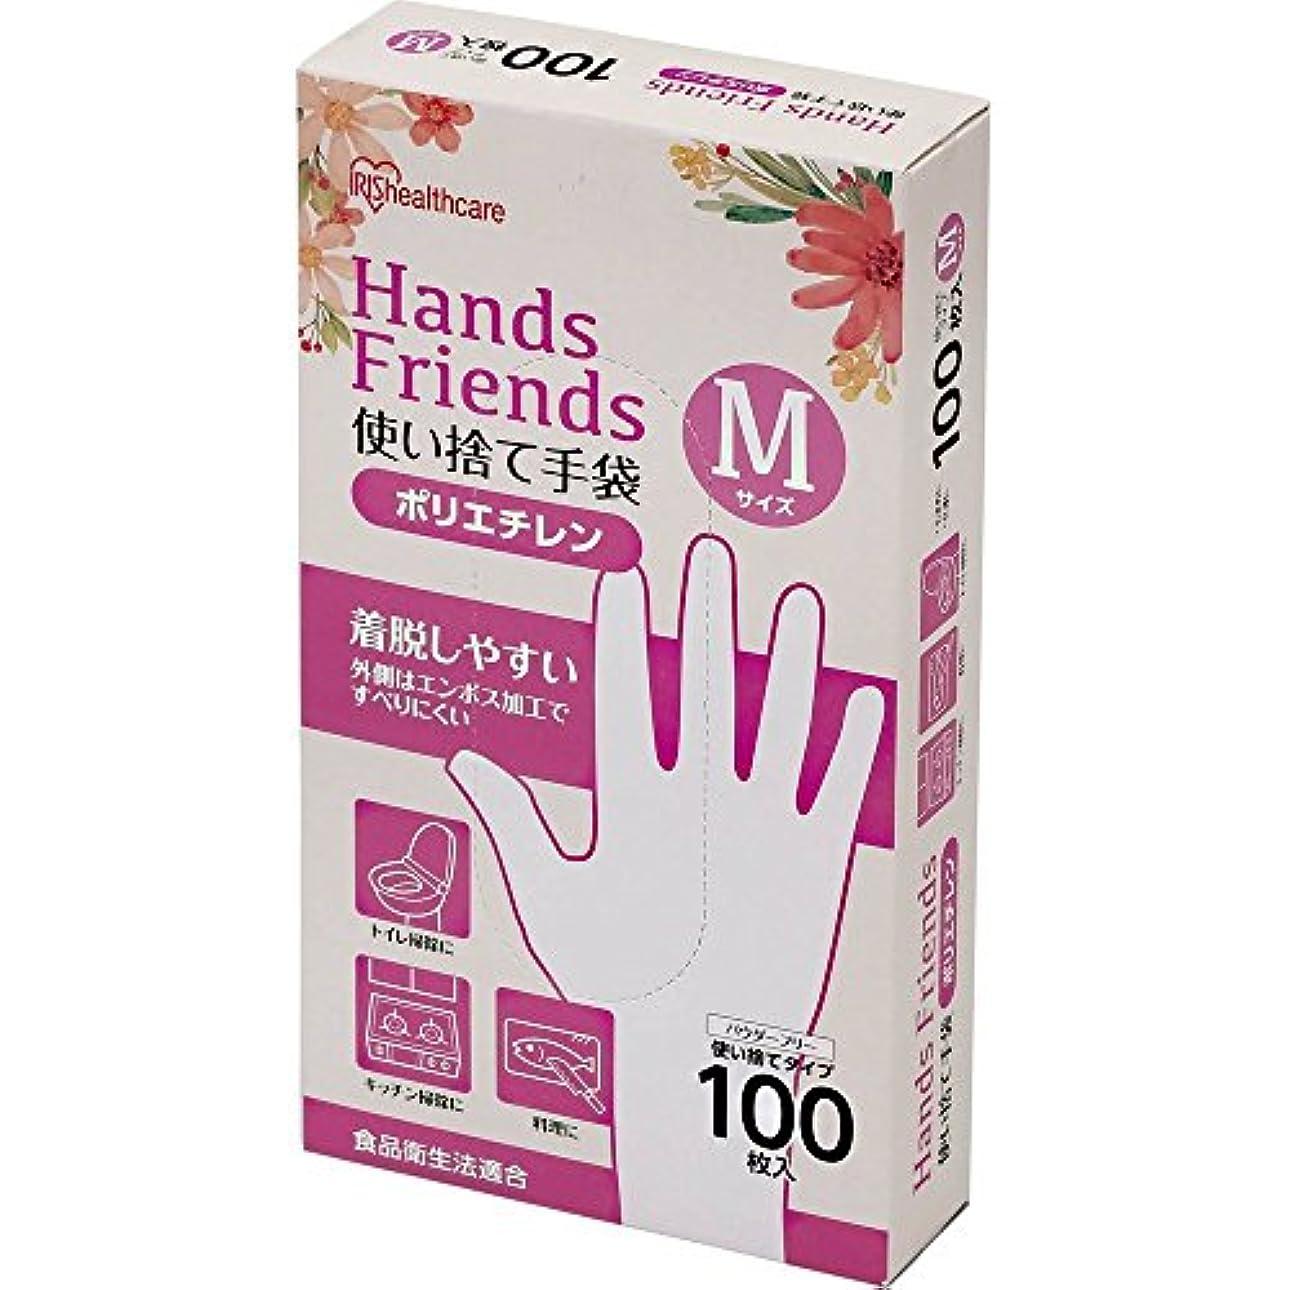 暖炉珍味と使い捨て手袋 ポリエチレン手袋 Mサイズ 粉なし パウダーフリー クリア 100枚入